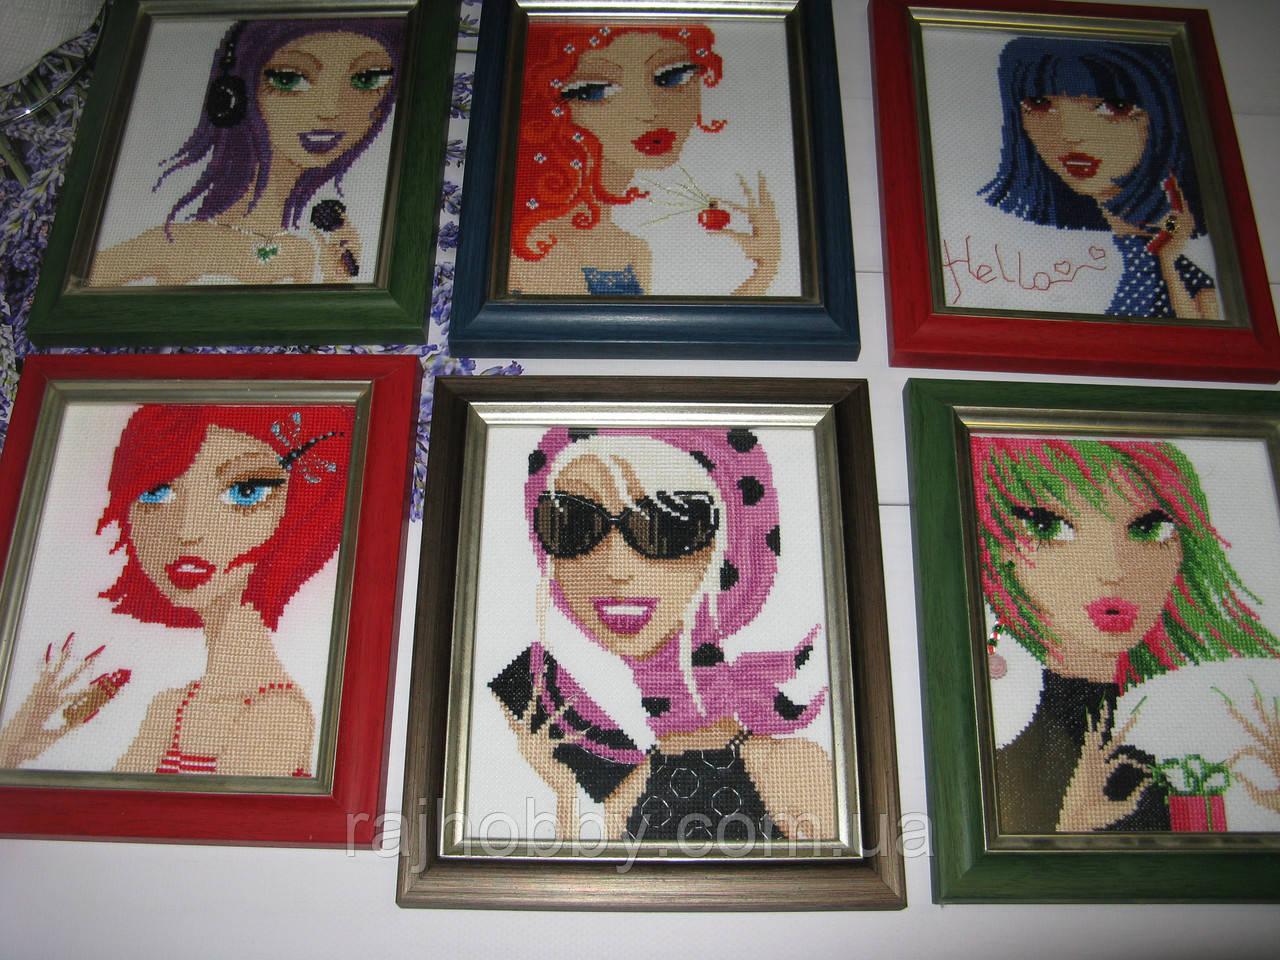 """Набор картин 6 шт Картина вышитая крестиком для девочки  - """"Рай хобби"""" интернет-магазин  в Херсонской области"""